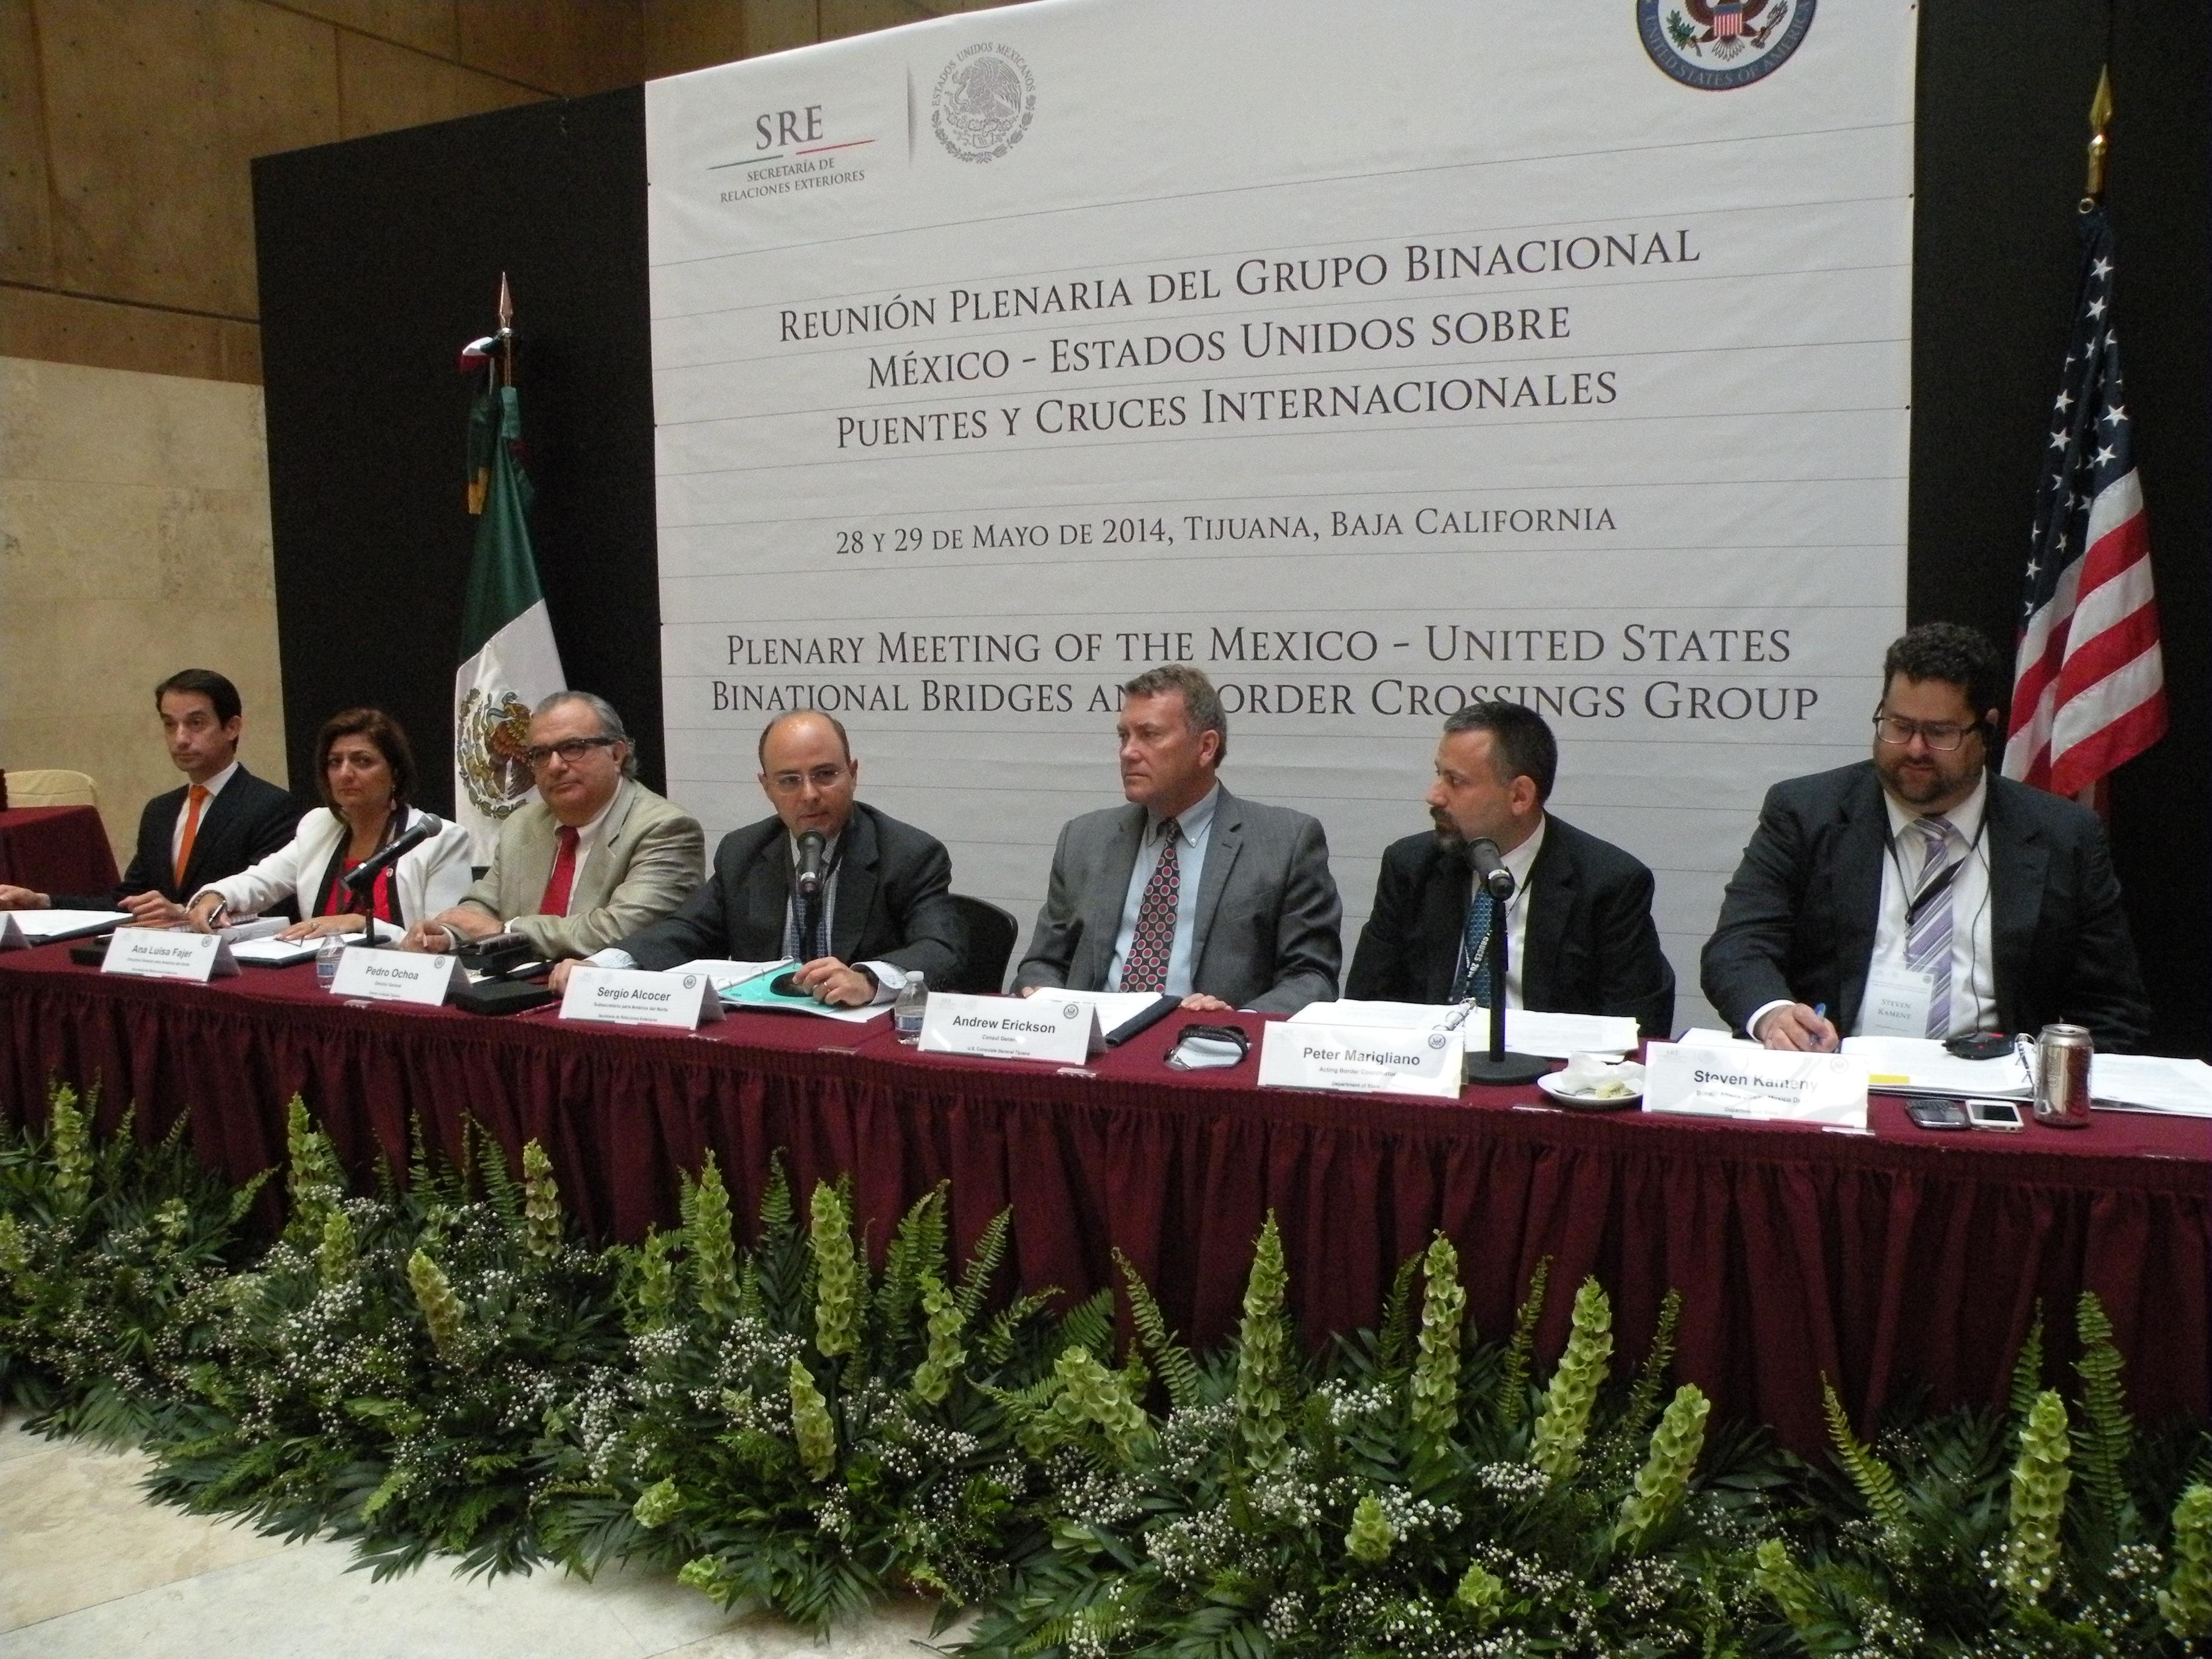 Reuni n Plenaria del Grupo Binacional M xico Estados Unidos de Cruces y Puentes Internacionales2jpg